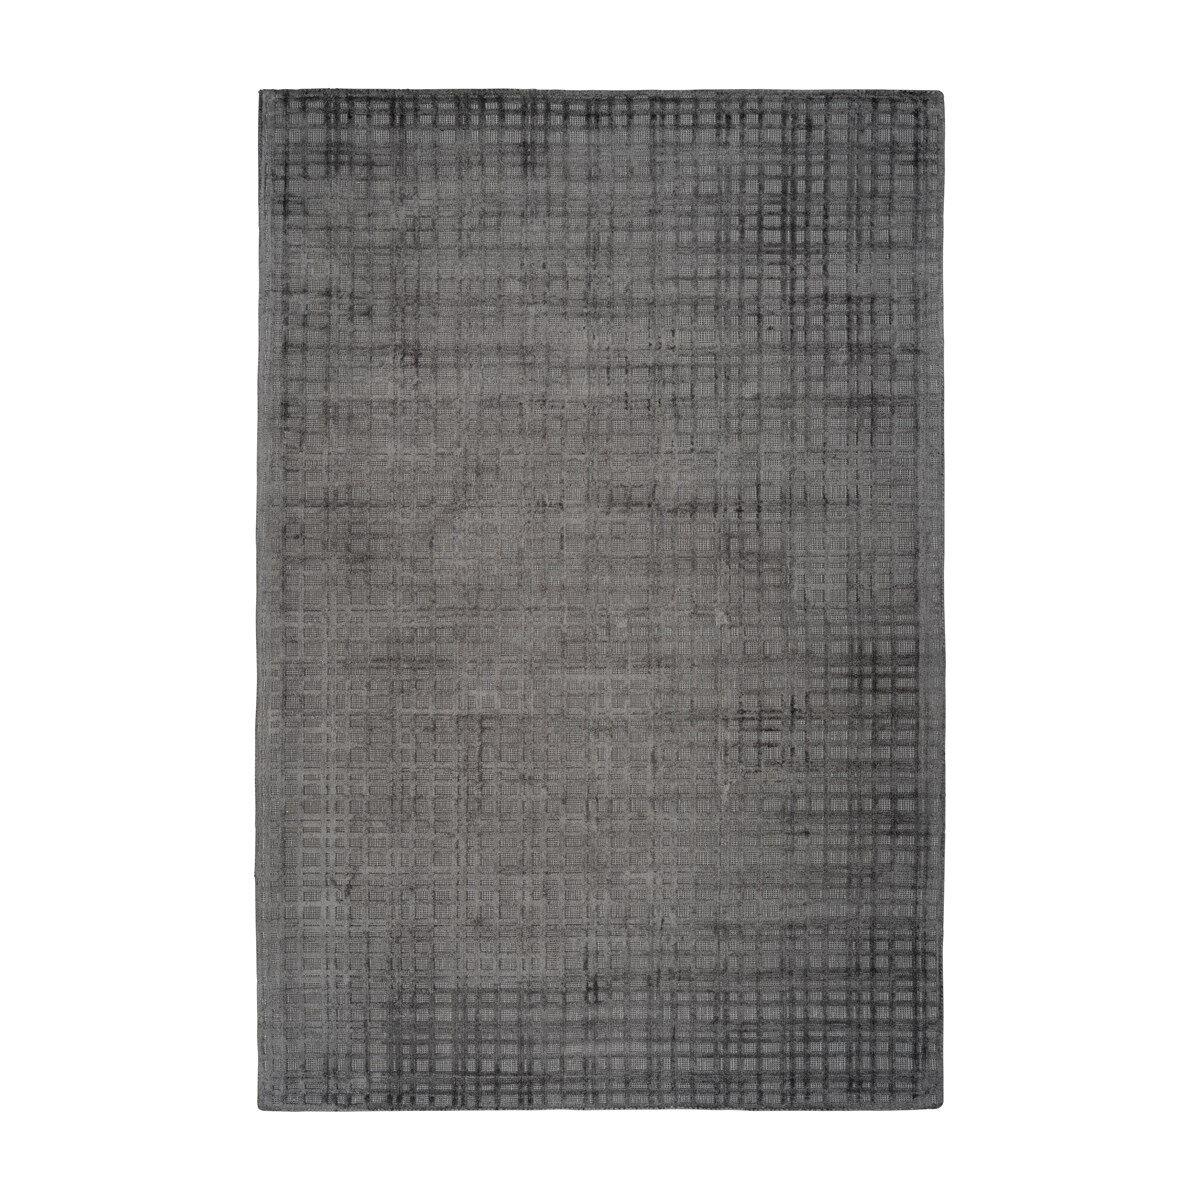 Novatrend Tapis moderne fait main en Viscose Gris anthracite 120x170 cm